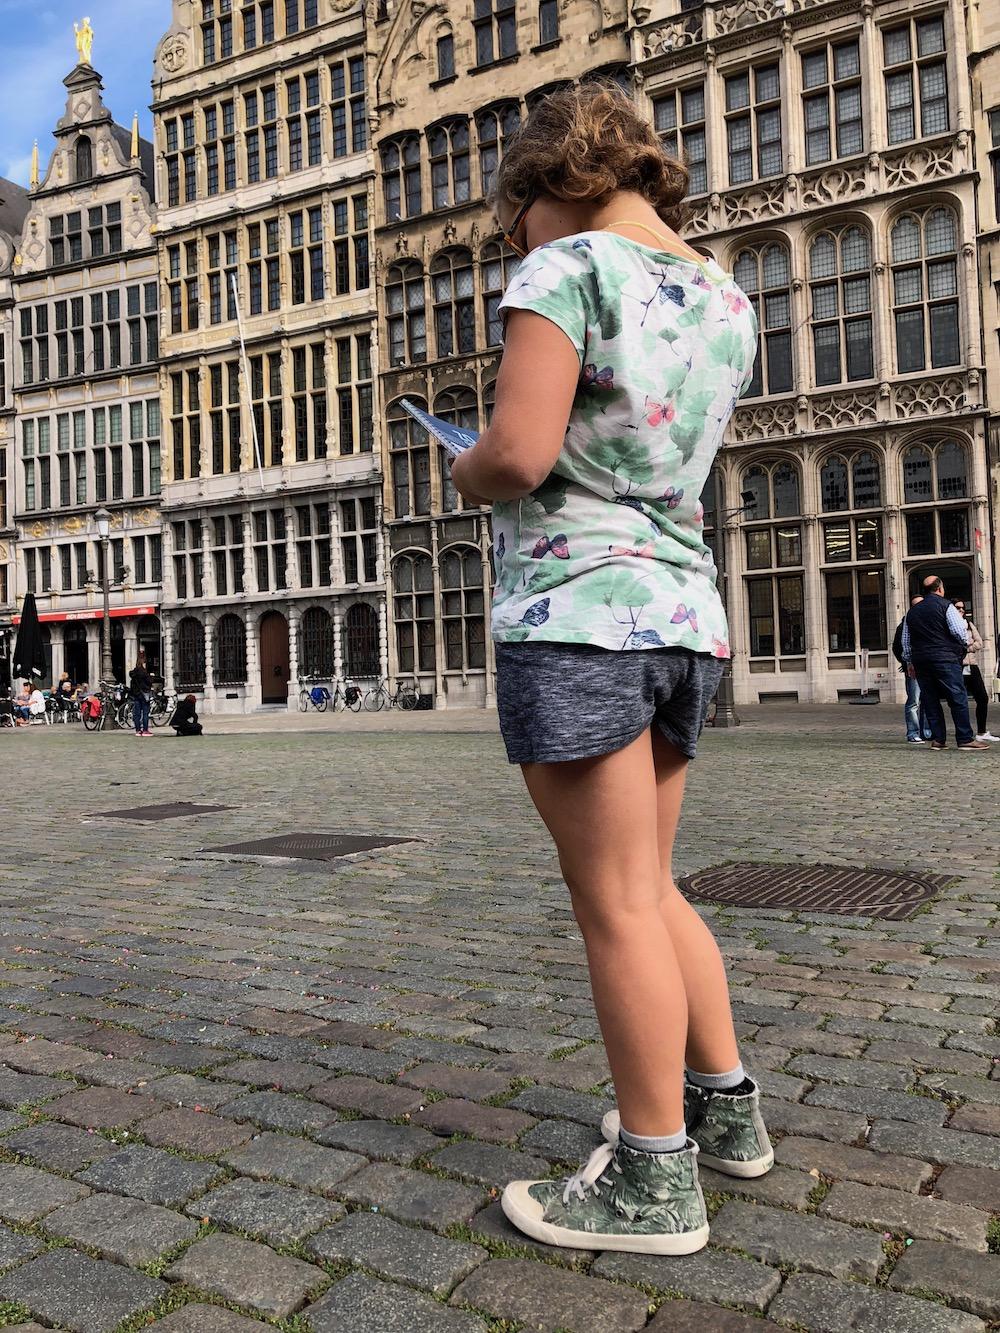 stadswandeling door Antwerpen 05